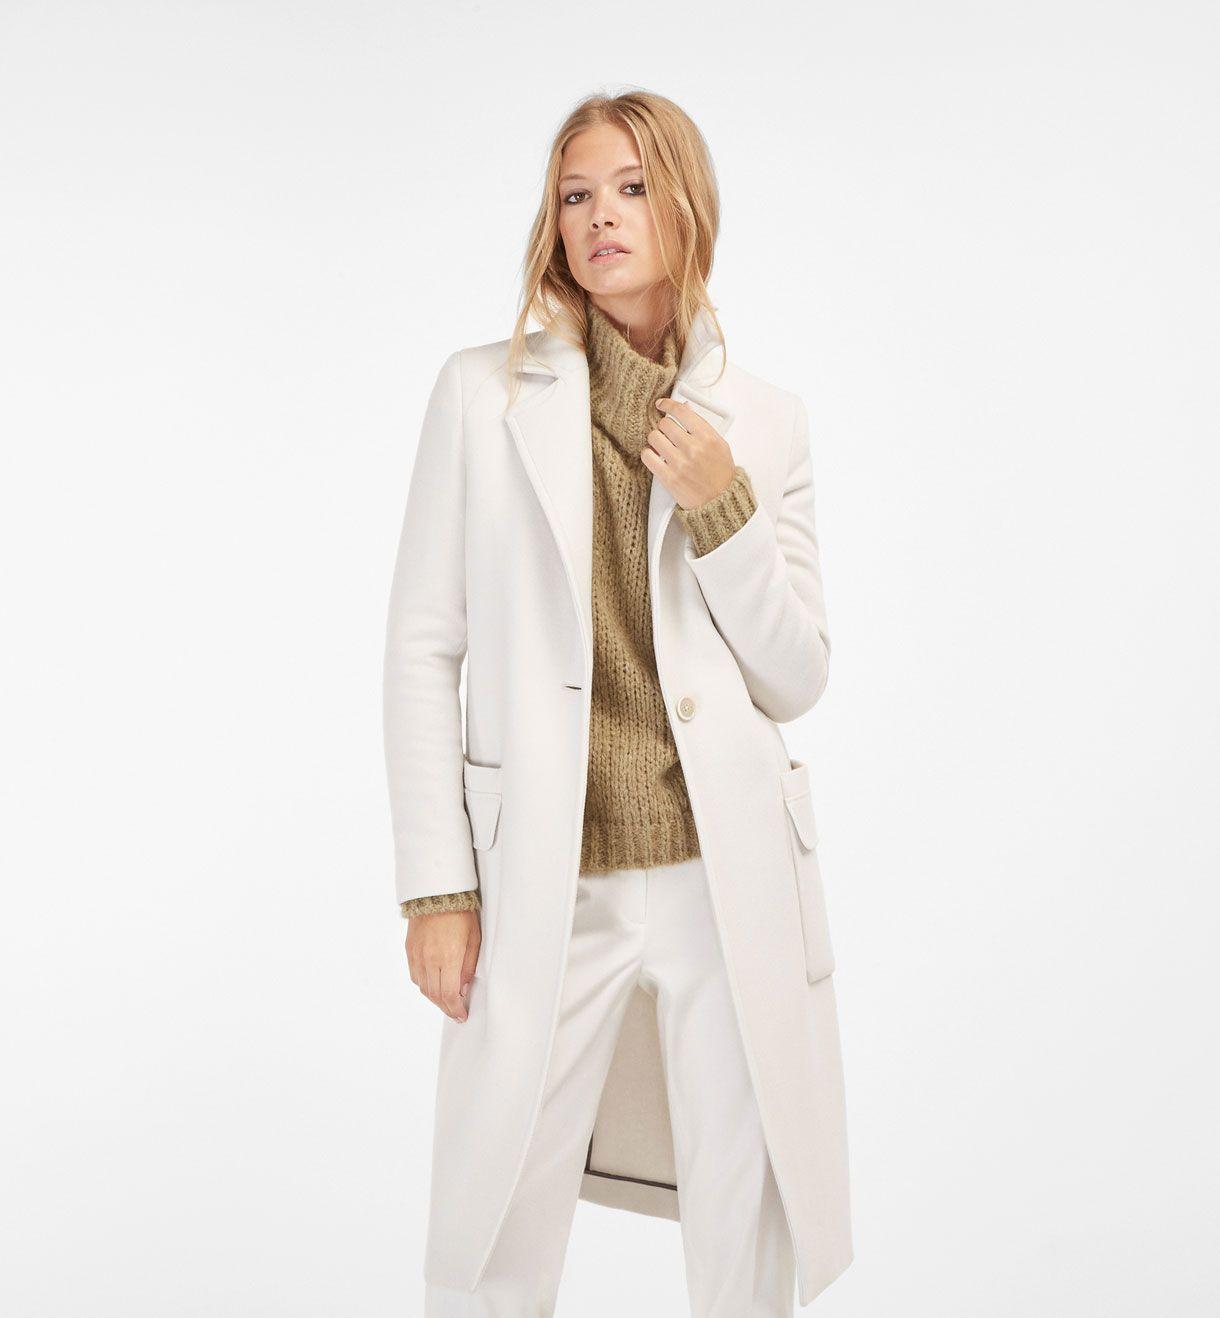 cappotto bianco donna elegante